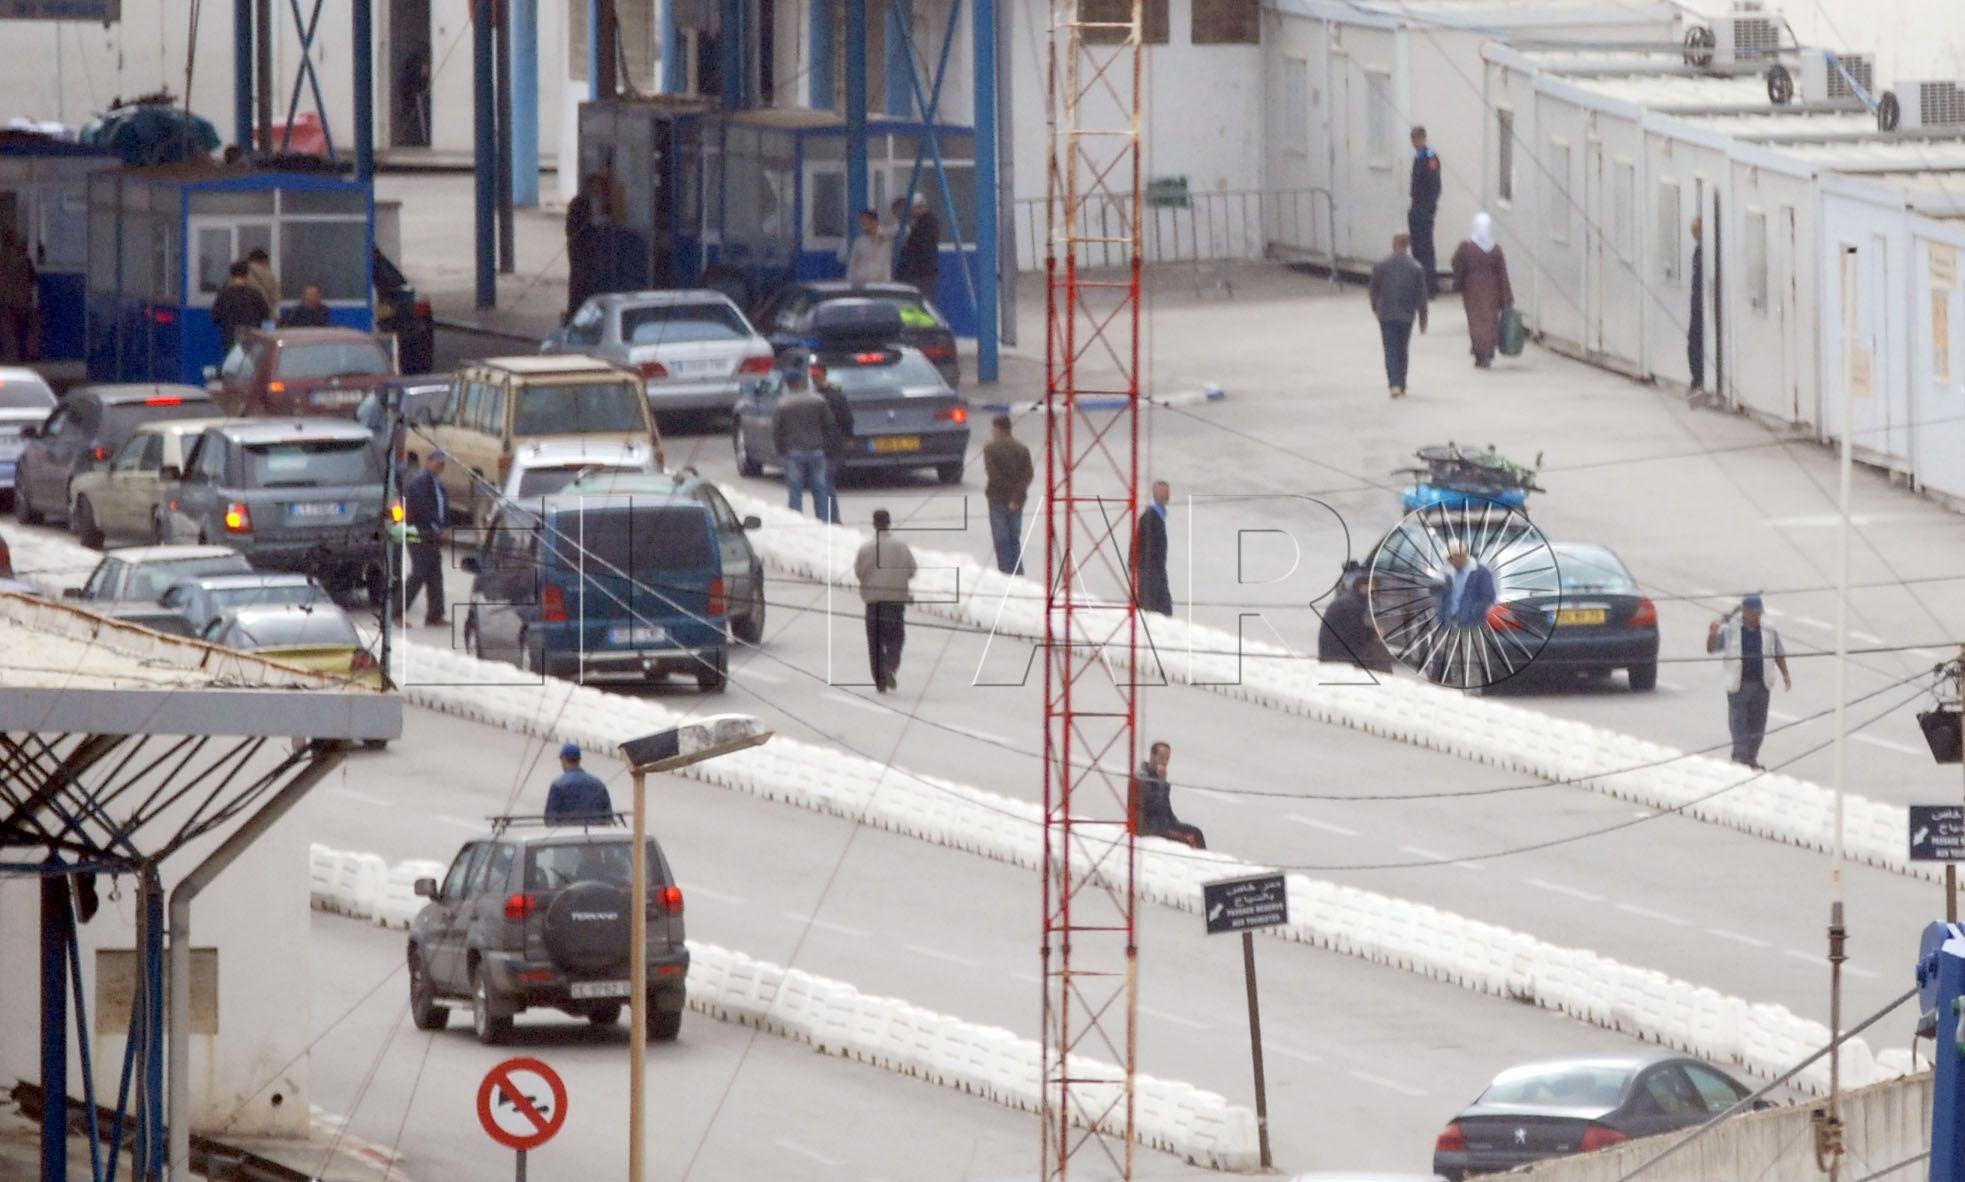 Un menor muere tras ser apuñalado por otro en la frontera marroquí